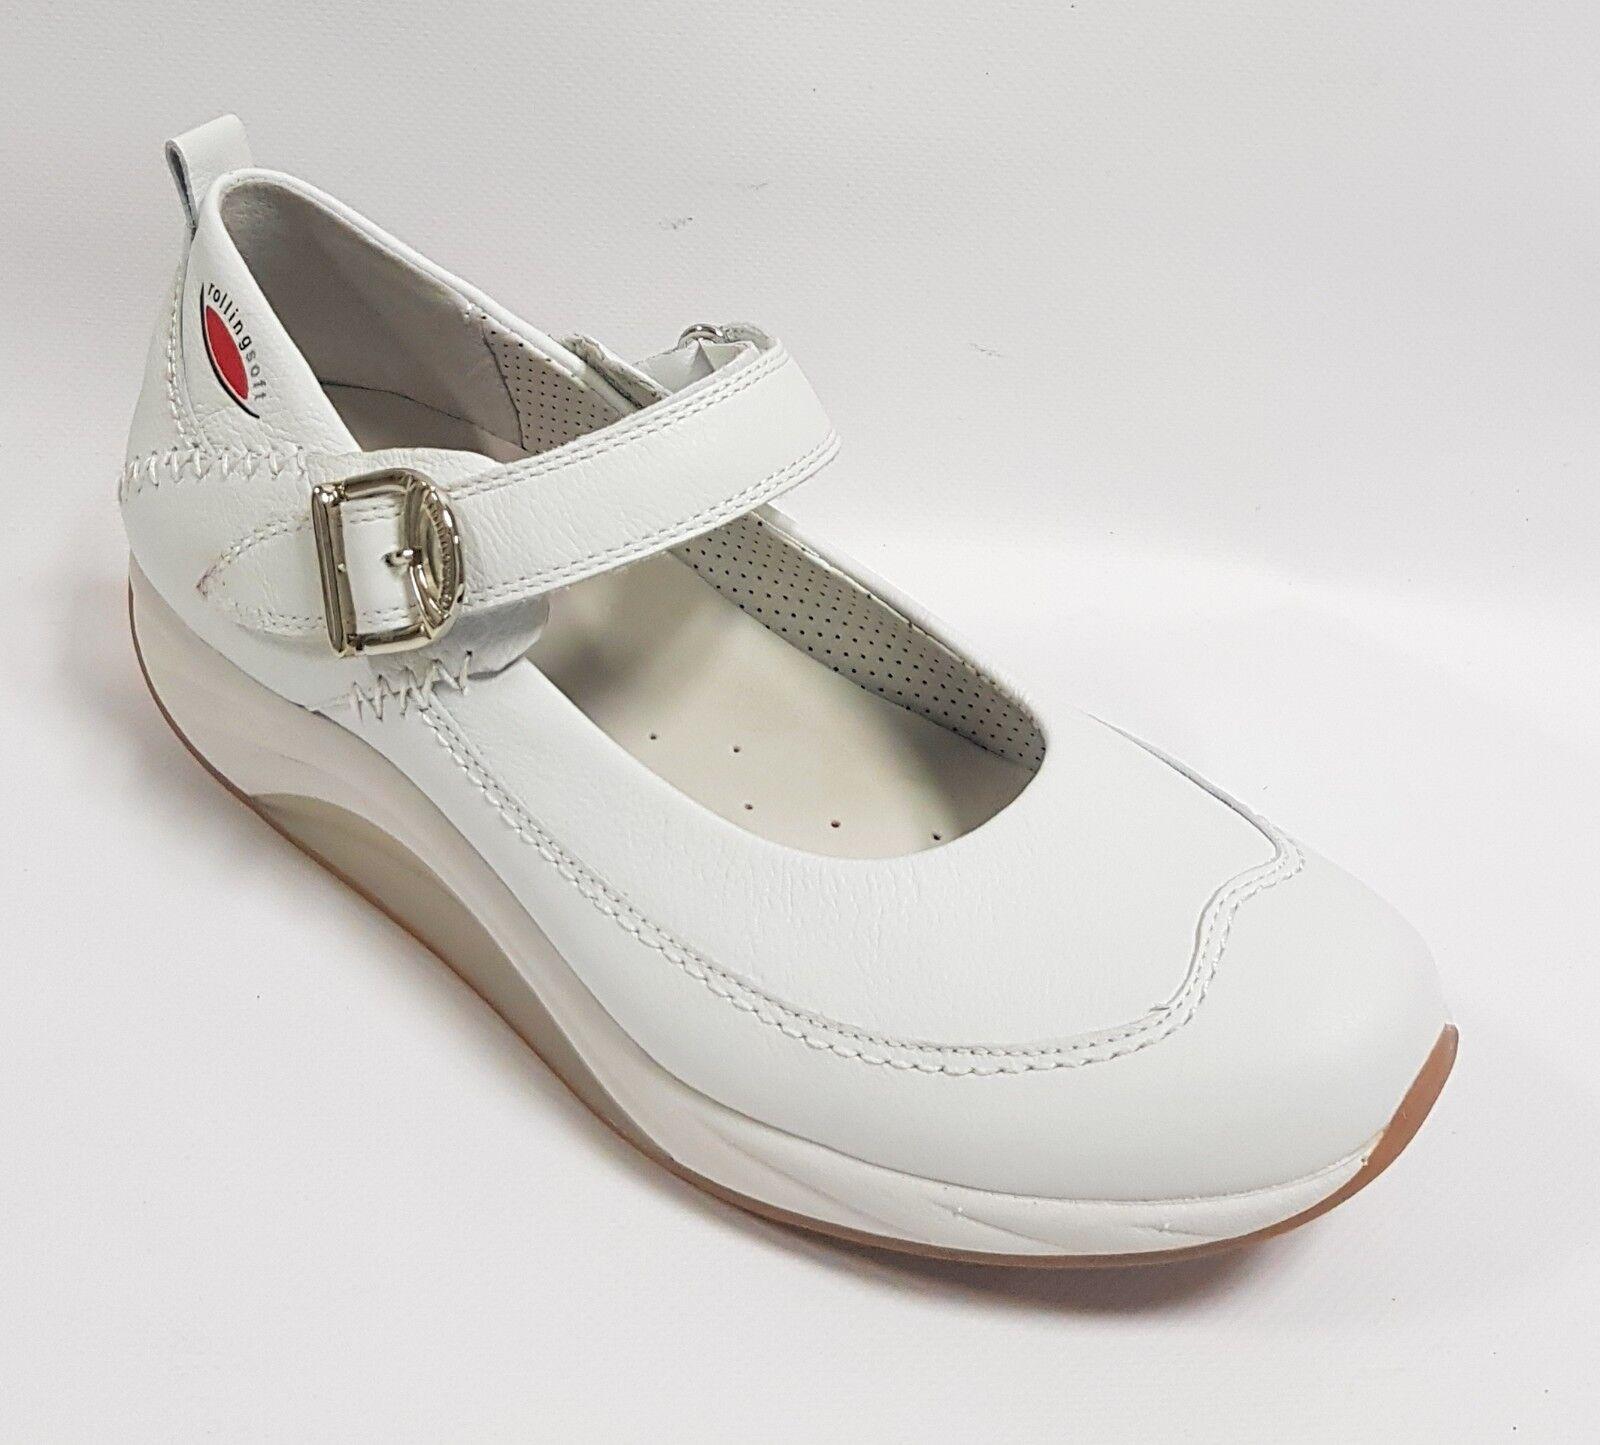 de moda Gabor rollingsoft Zapatos señora 26.981.50 26.981.50 26.981.50 outdoor Sport fitness sandalias nuevo  nueva marca